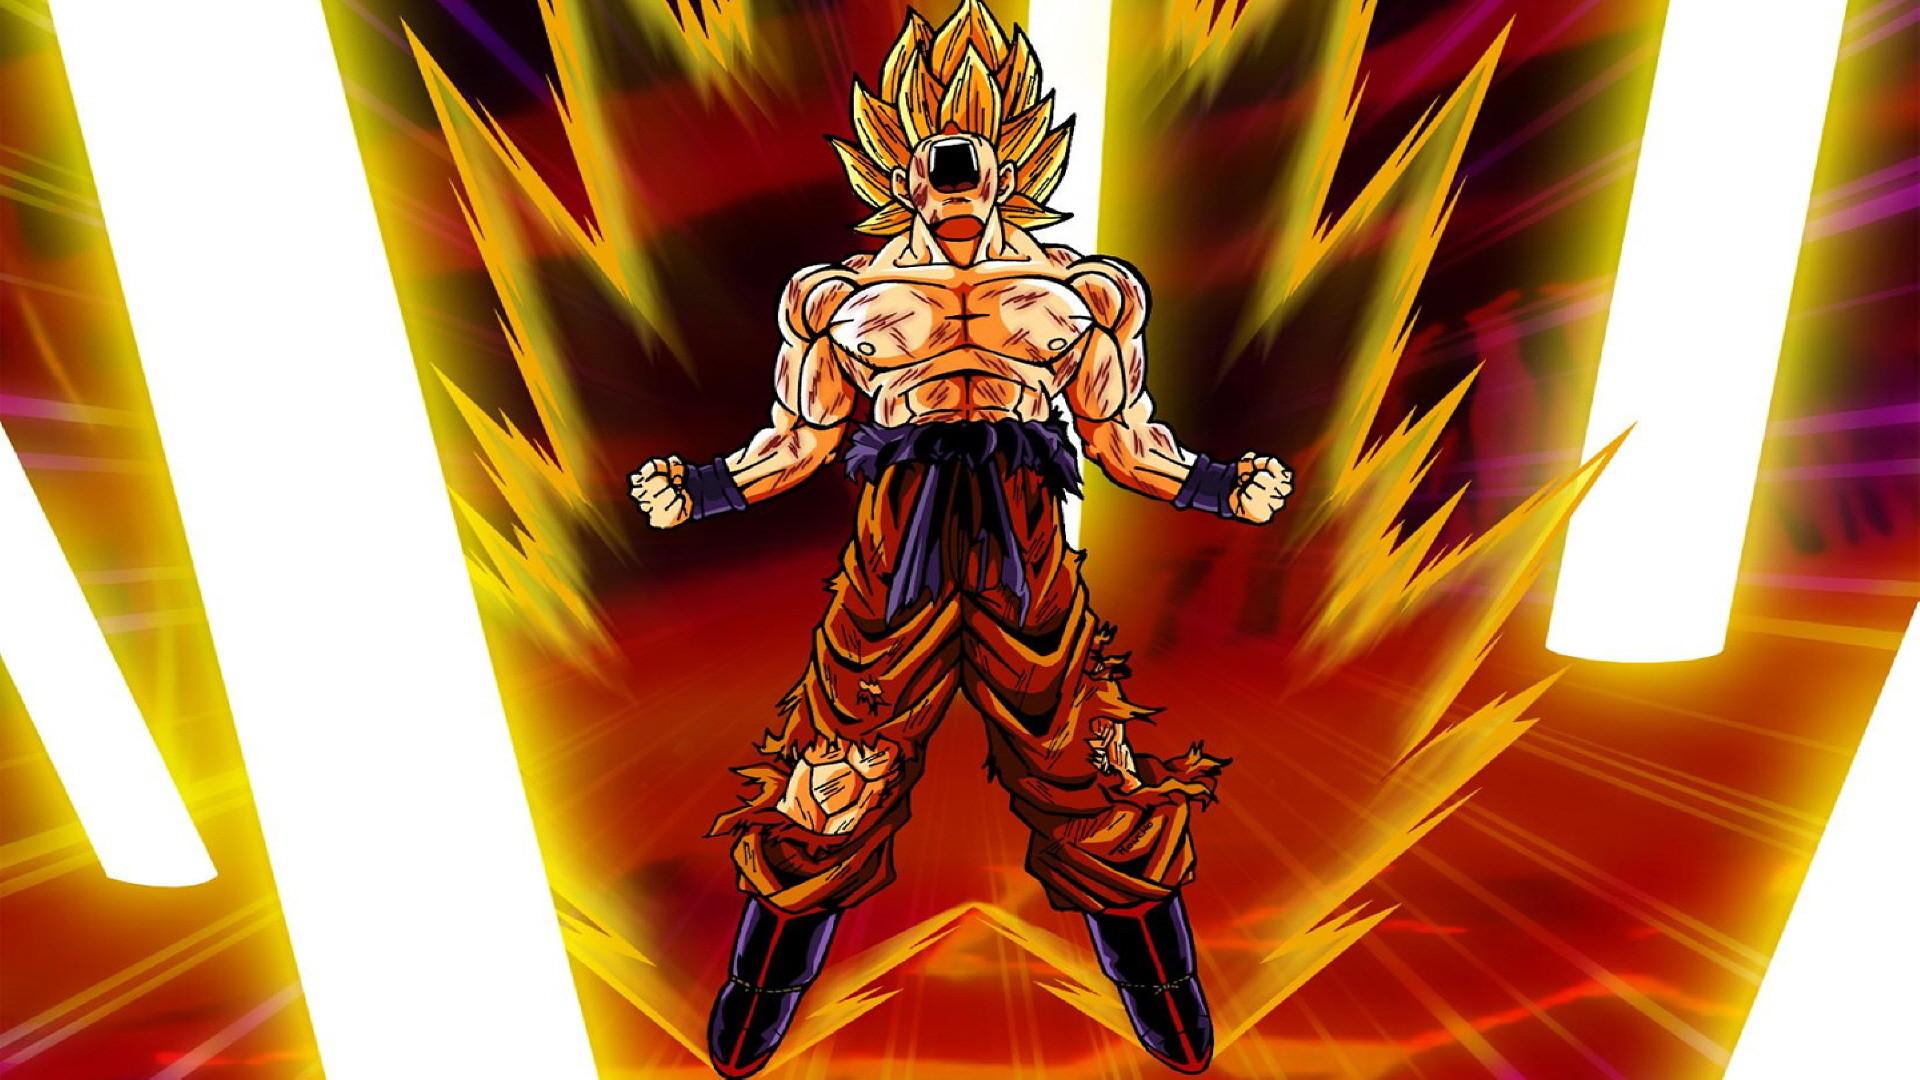 Скачать бесплатно Dragon Ball Z Wallpapers · Goku SuperSuper SaiyanThe …